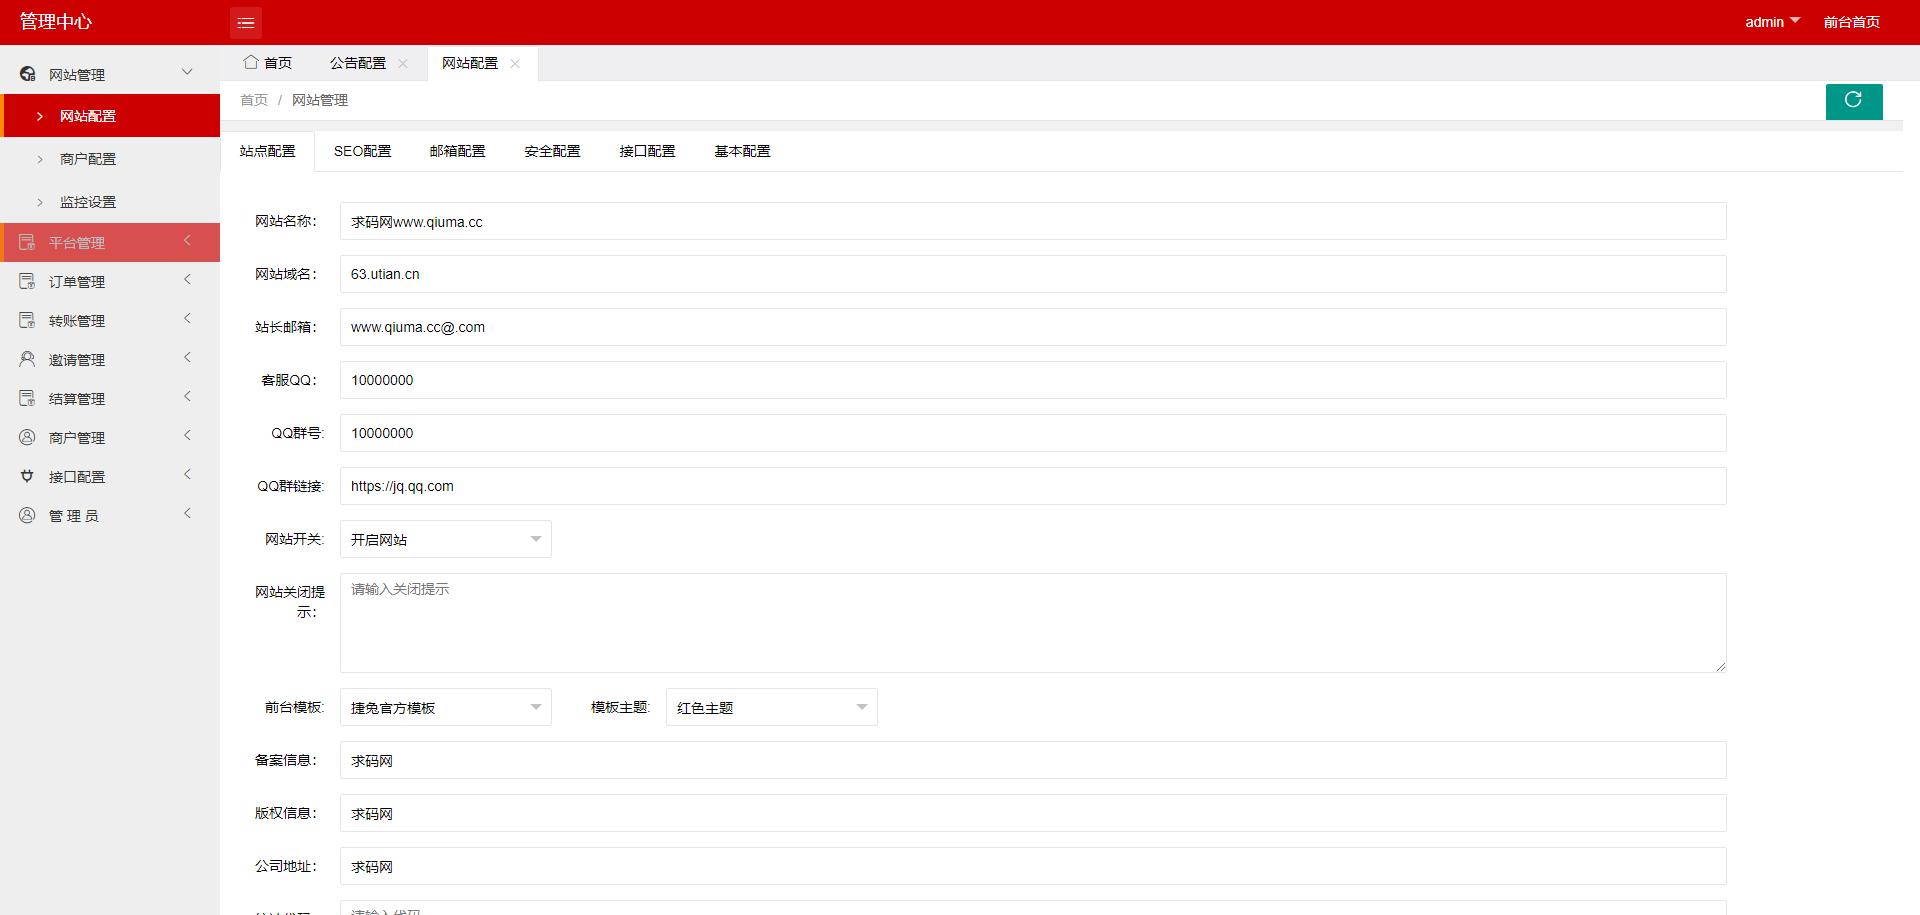 完美运营版捷兔云支付 开源版易支付 第三方支付 官方支付 四方支付 免签约支付 网站源码 第10张